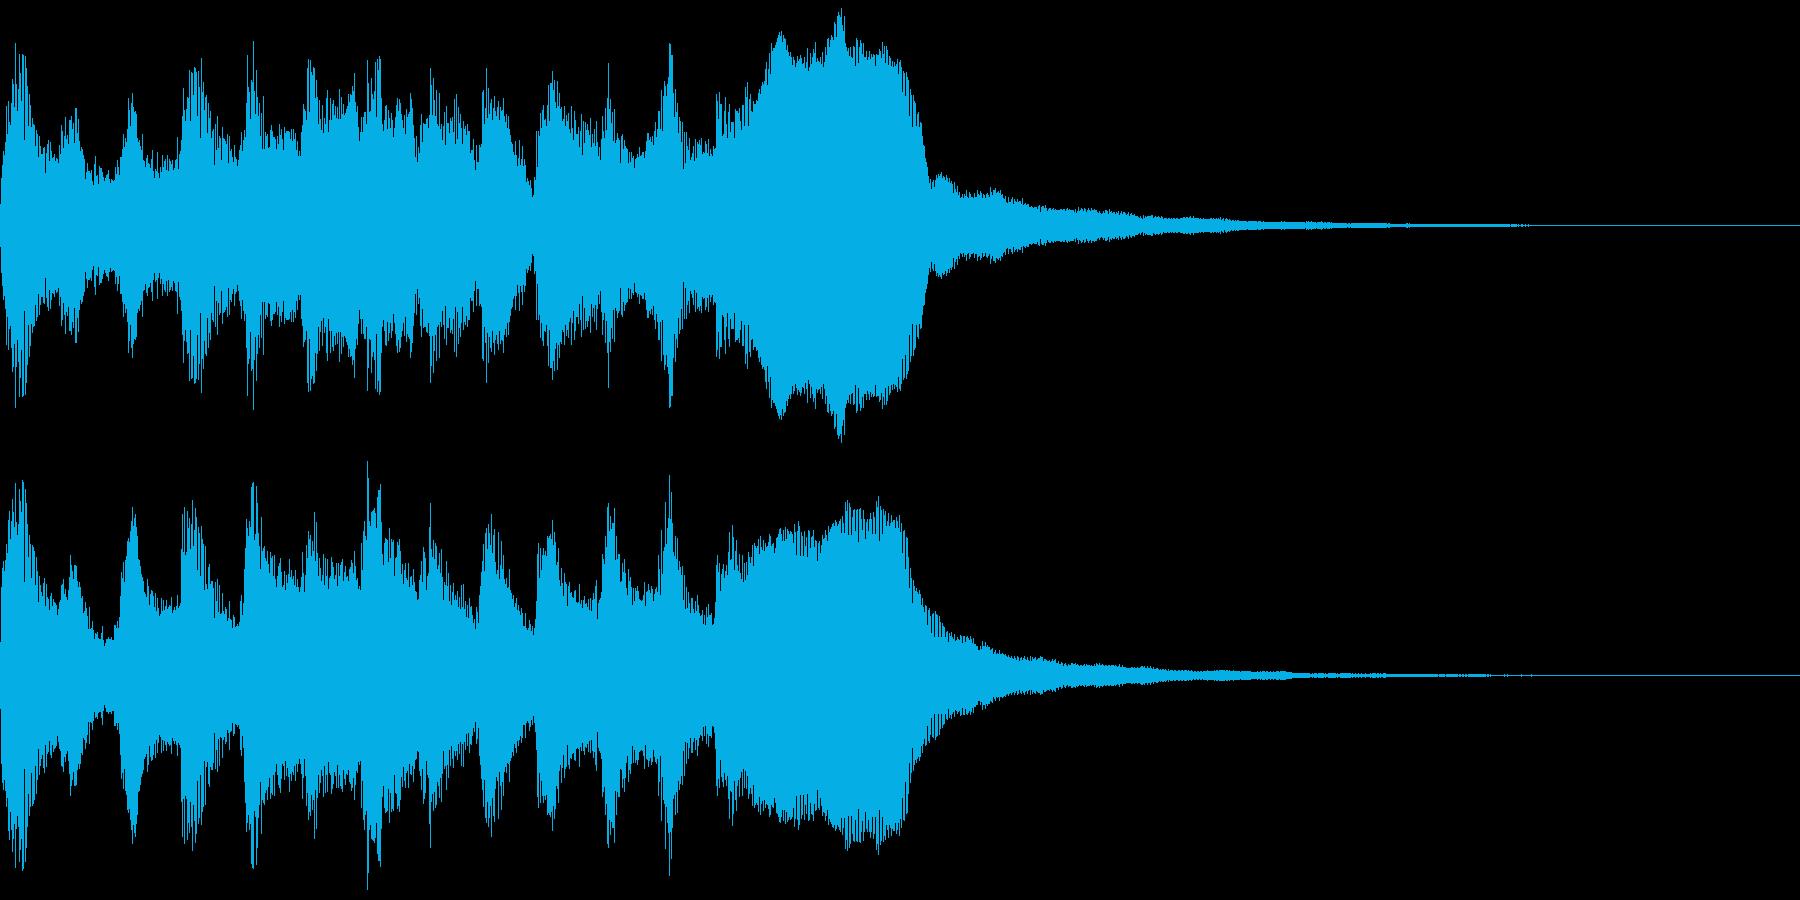 サウンドロゴ、ゴージャス感、verCの再生済みの波形